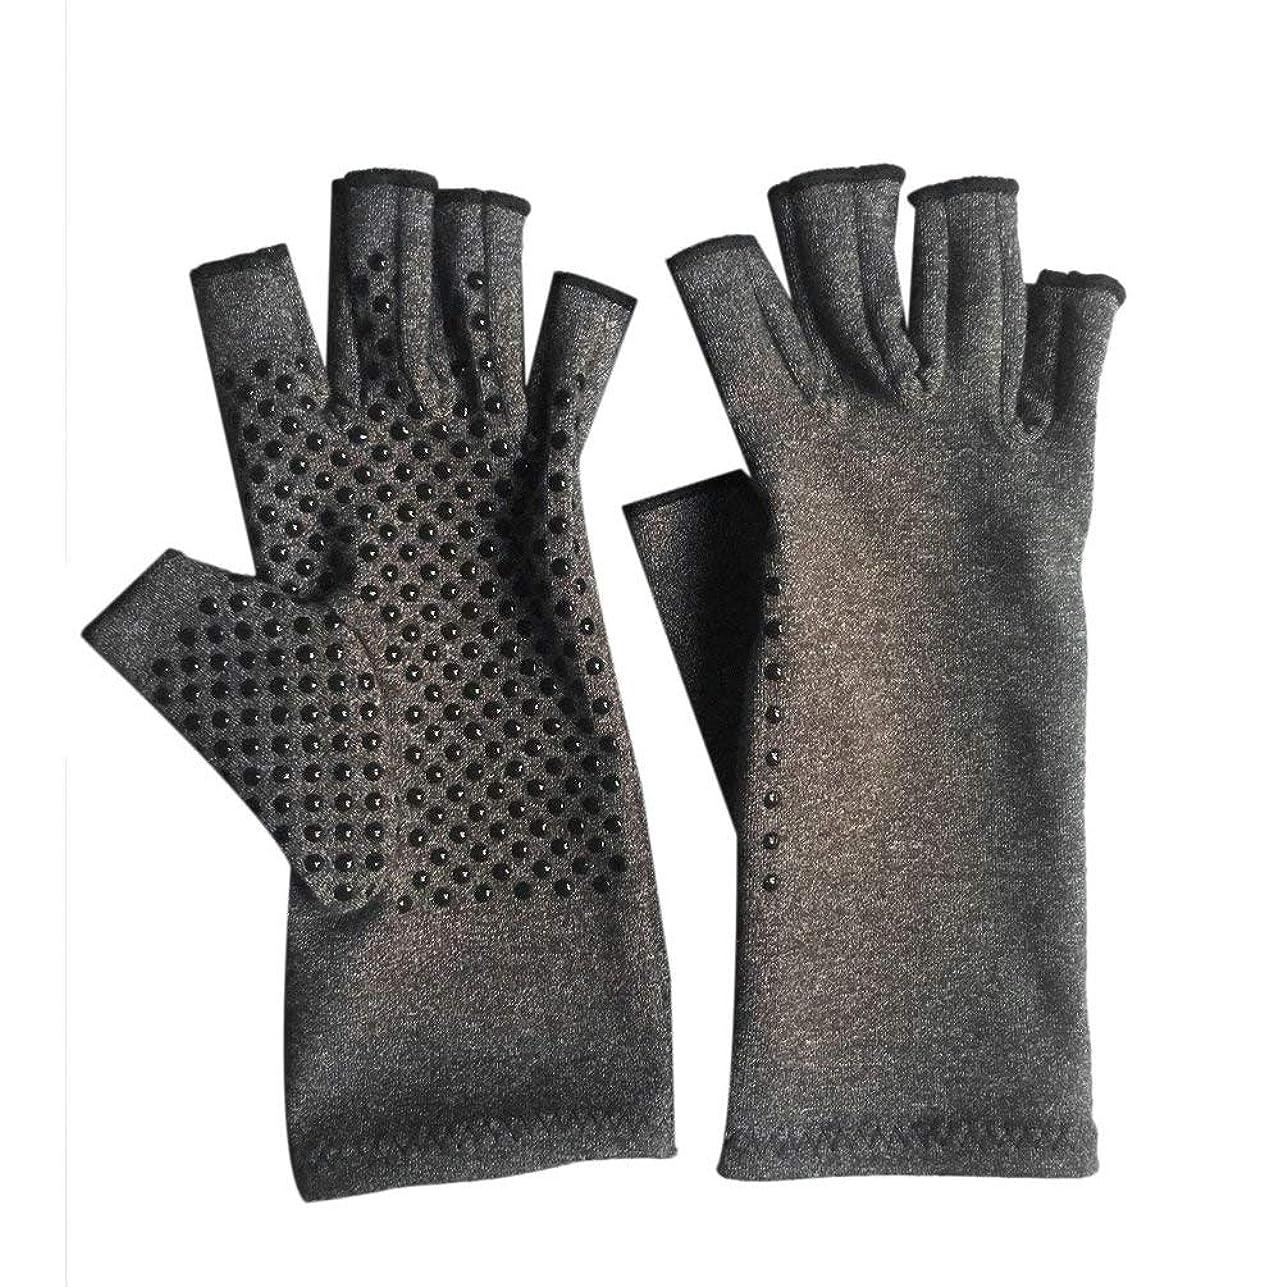 野菜谷パノラマ1ペアユニセックス男性女性療法圧縮手袋関節炎関節痛緩和ヘルスケア半指手袋トレーニング手袋 - グレーM